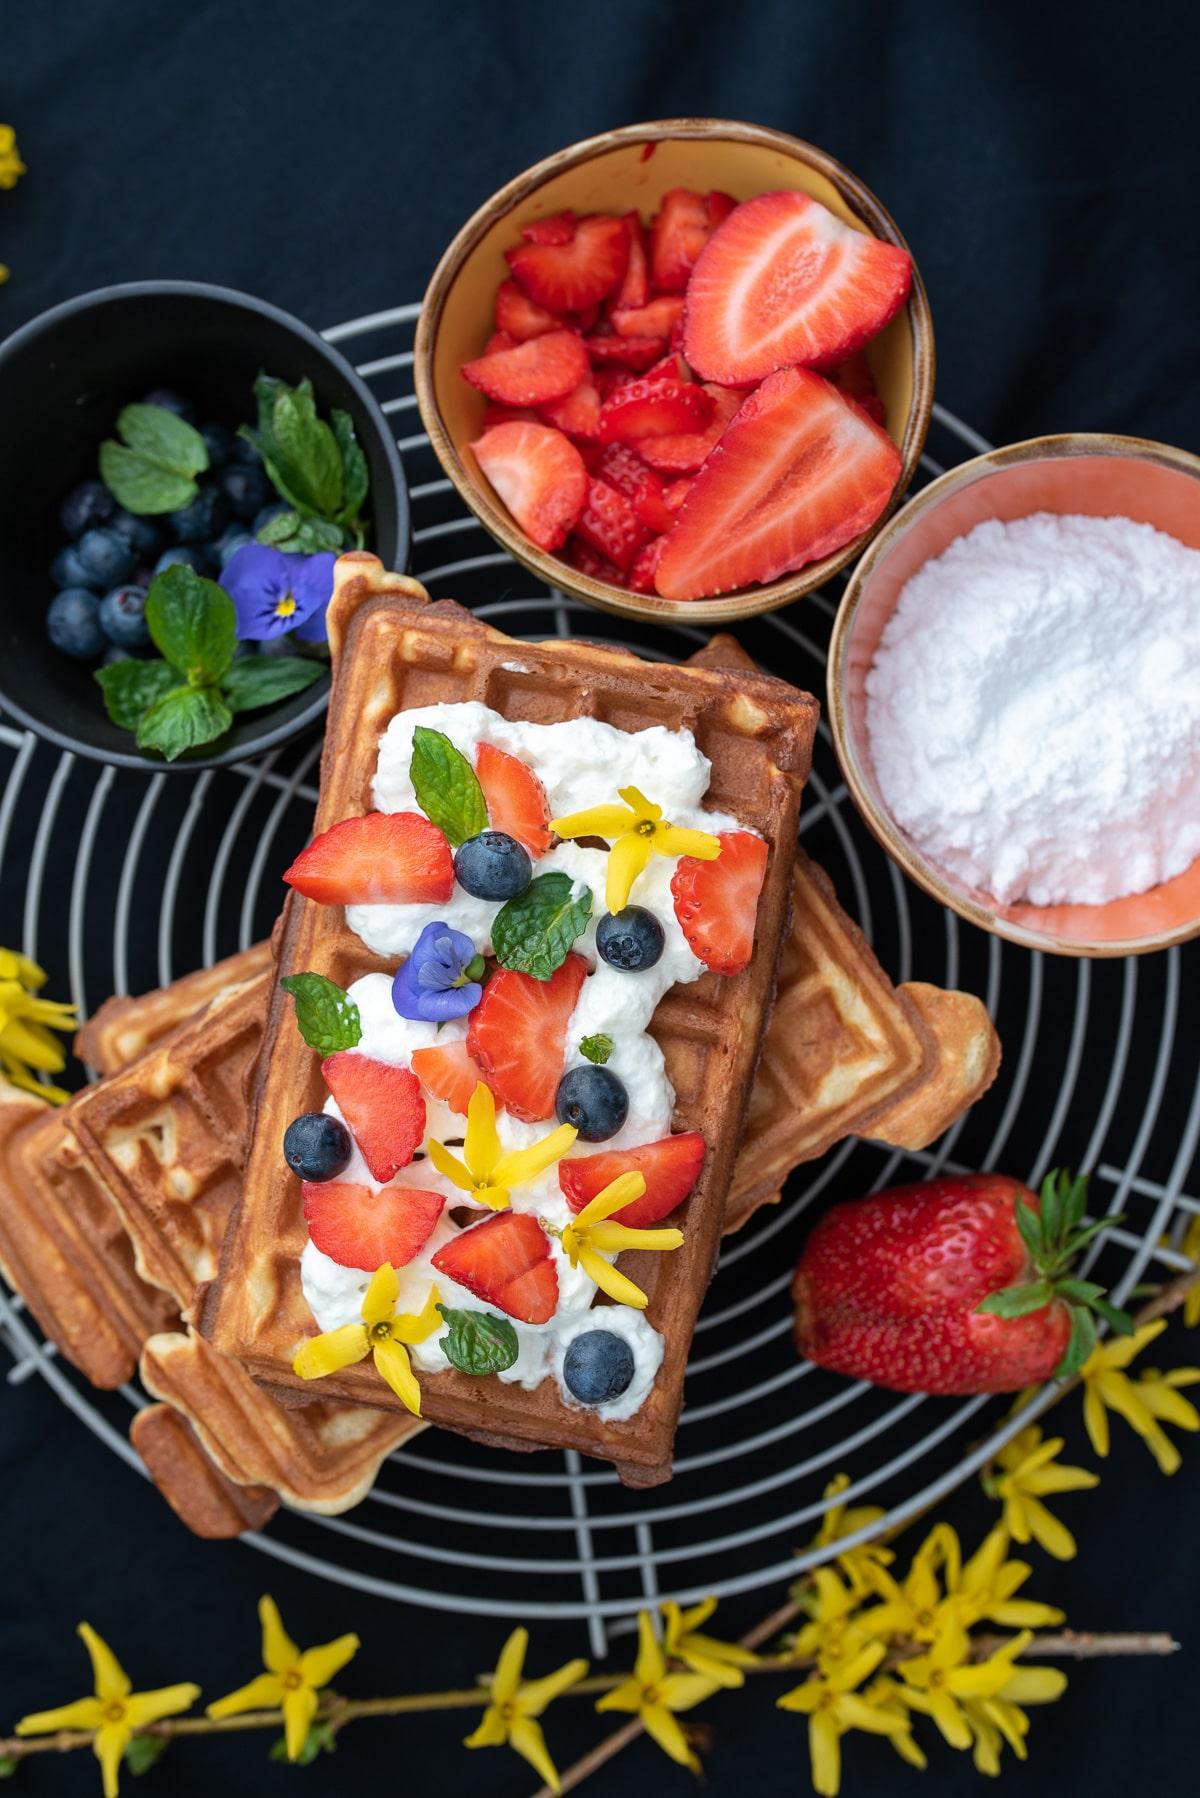 gofry z bitÄ… Å›mietanÄ… i owocami w tle miseczki z owocami